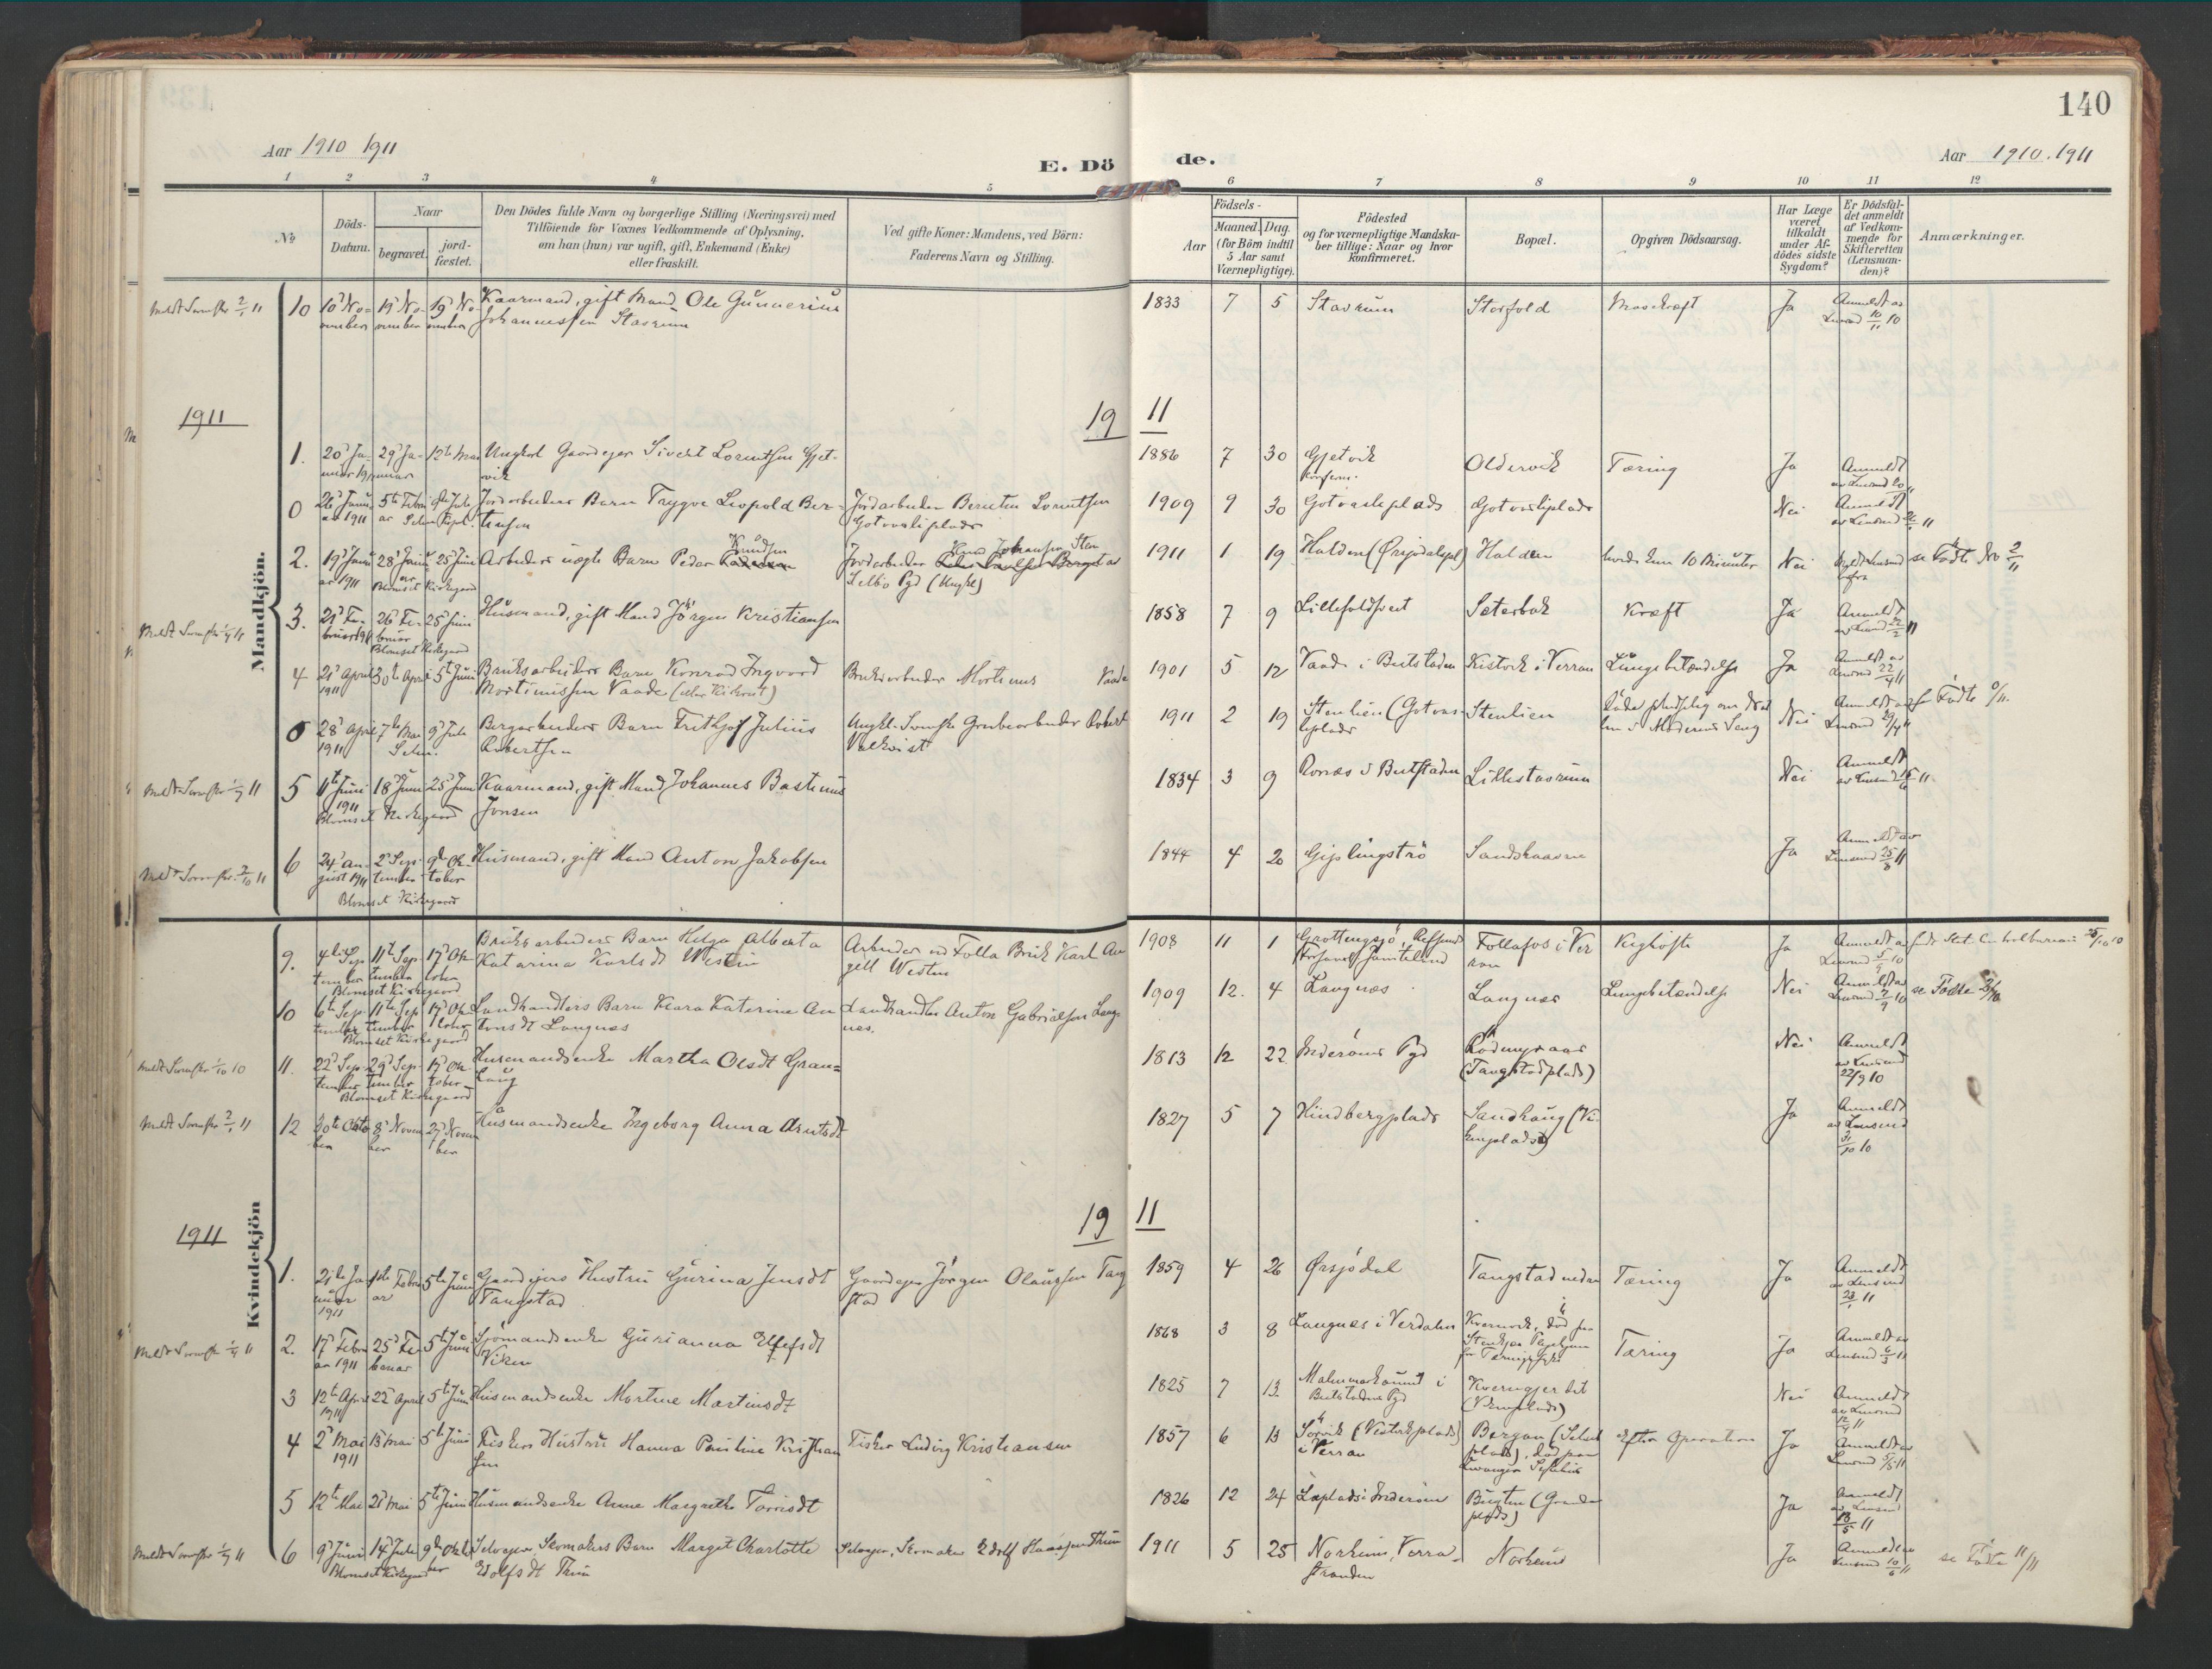 SAT, Ministerialprotokoller, klokkerbøker og fødselsregistre - Nord-Trøndelag, 744/L0421: Ministerialbok nr. 744A05, 1905-1930, s. 140